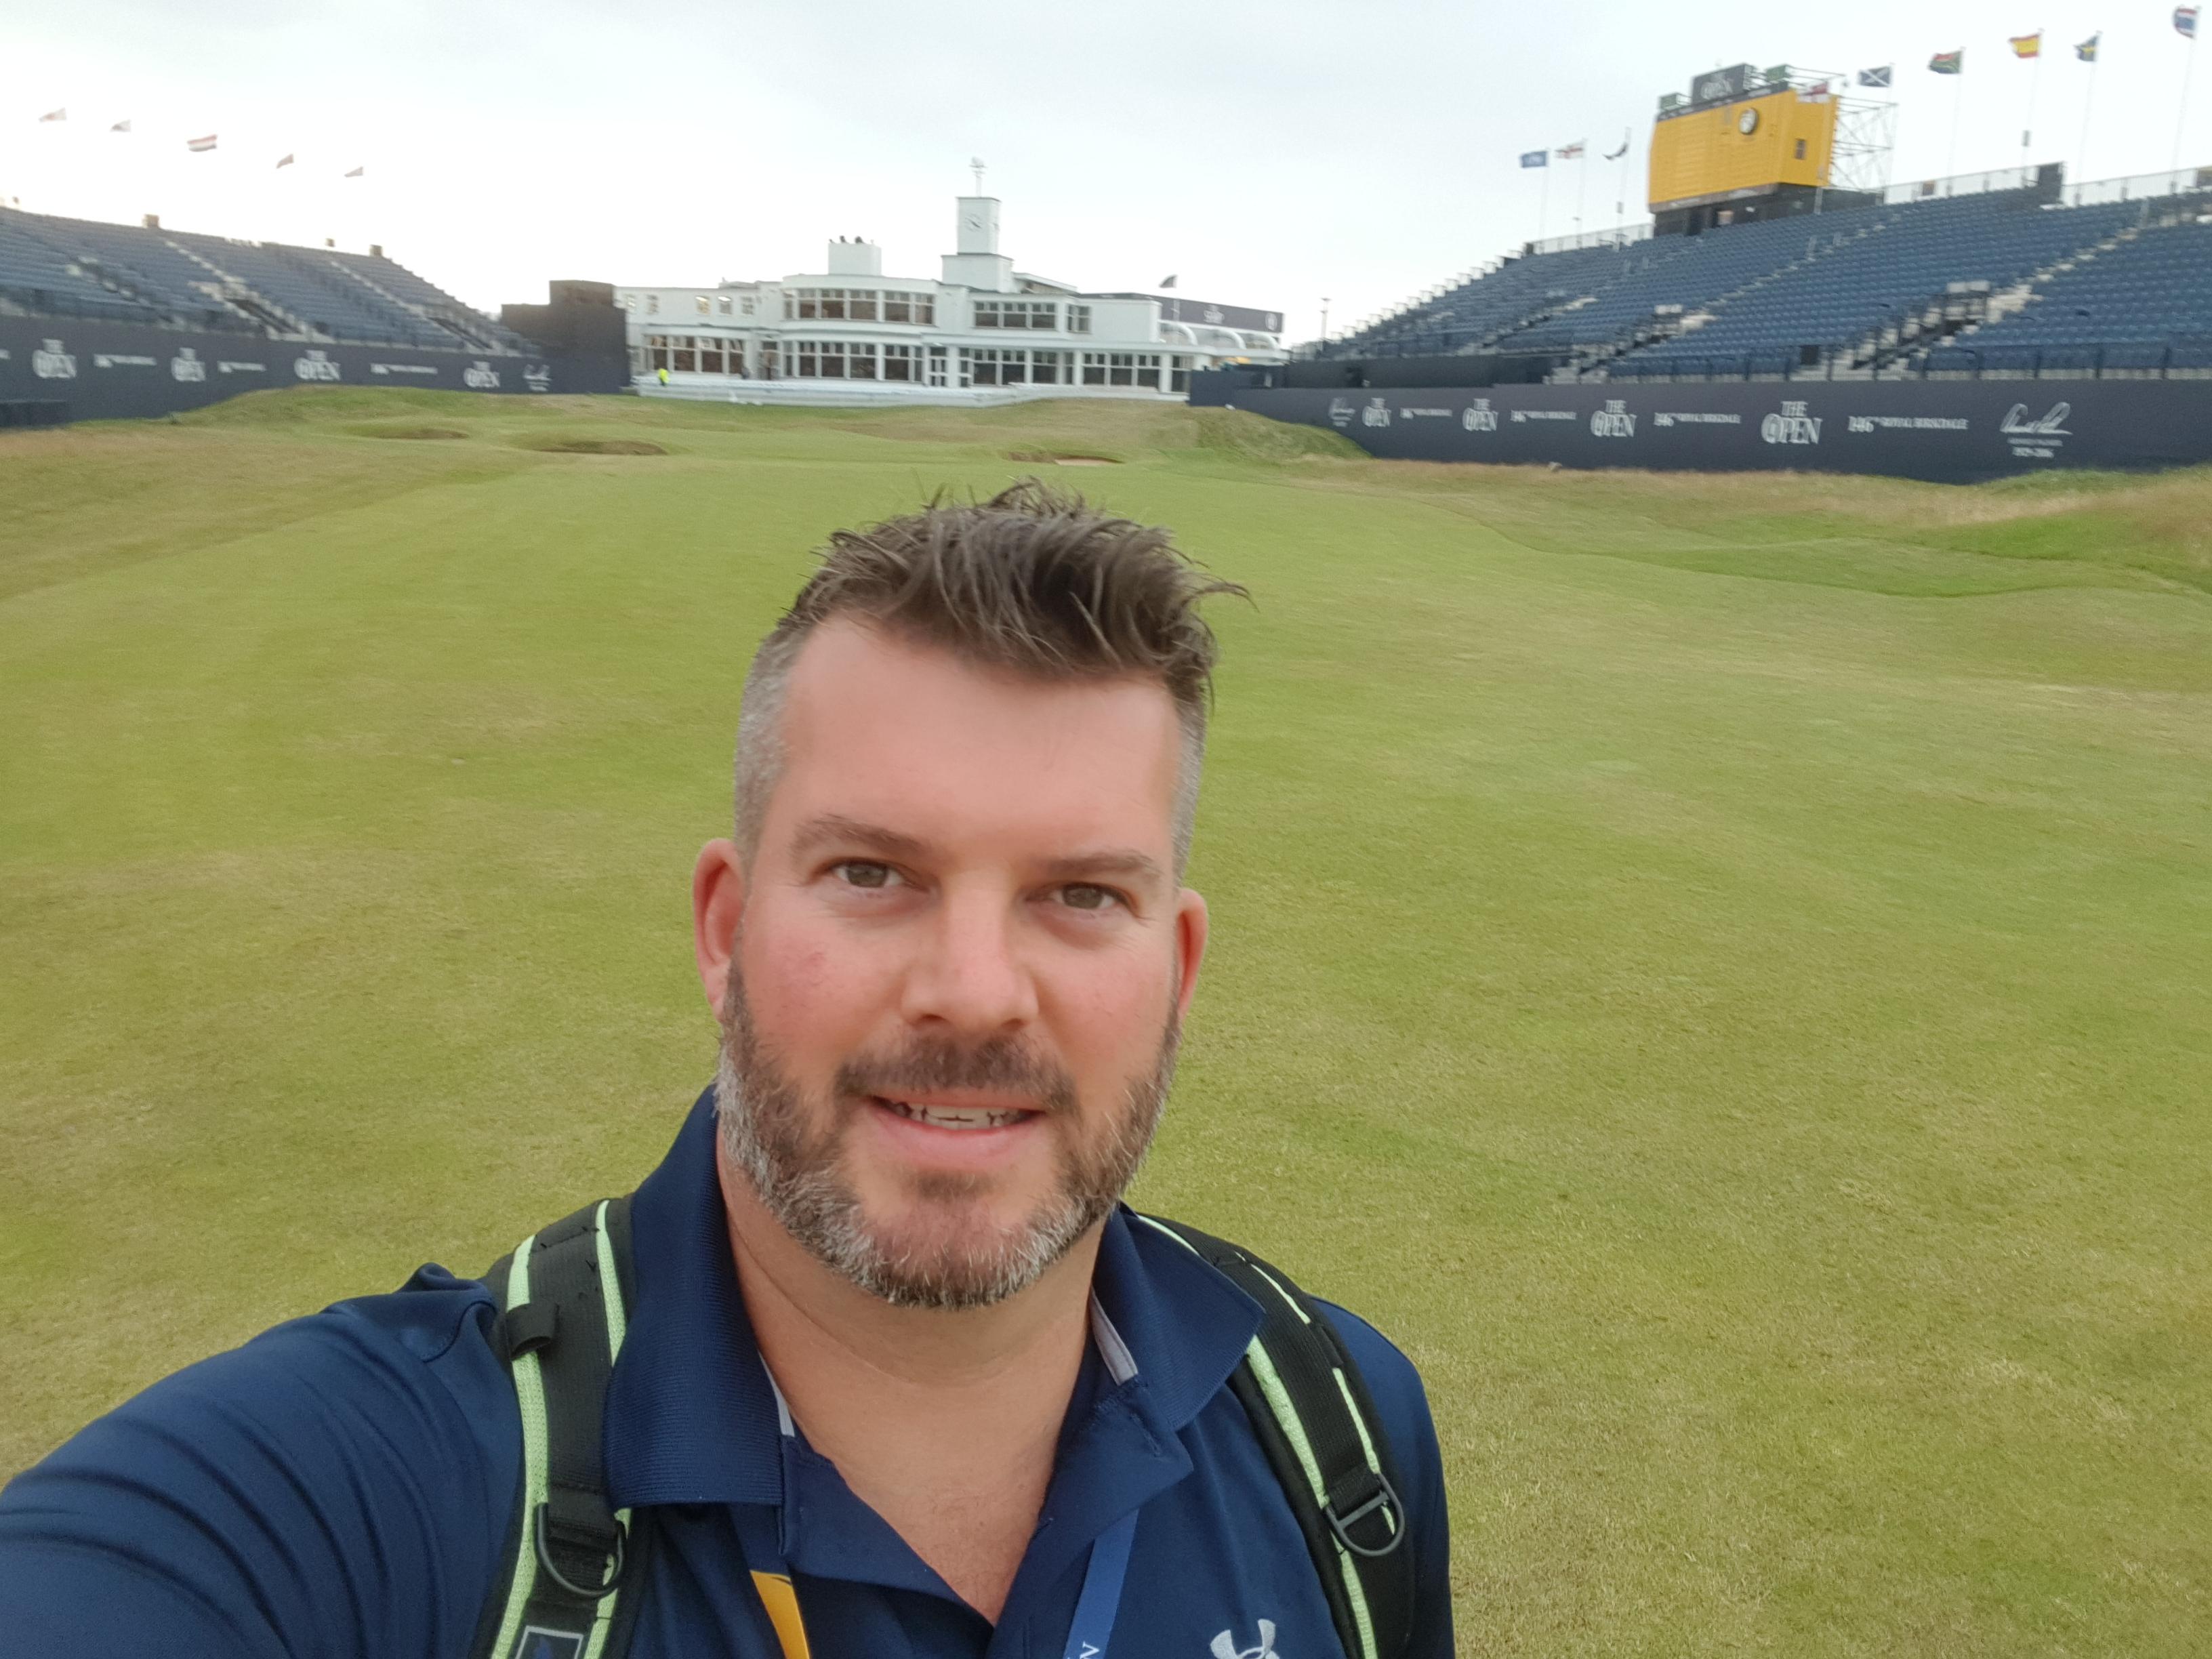 Avatar of golfer named Bobby Van Wyk